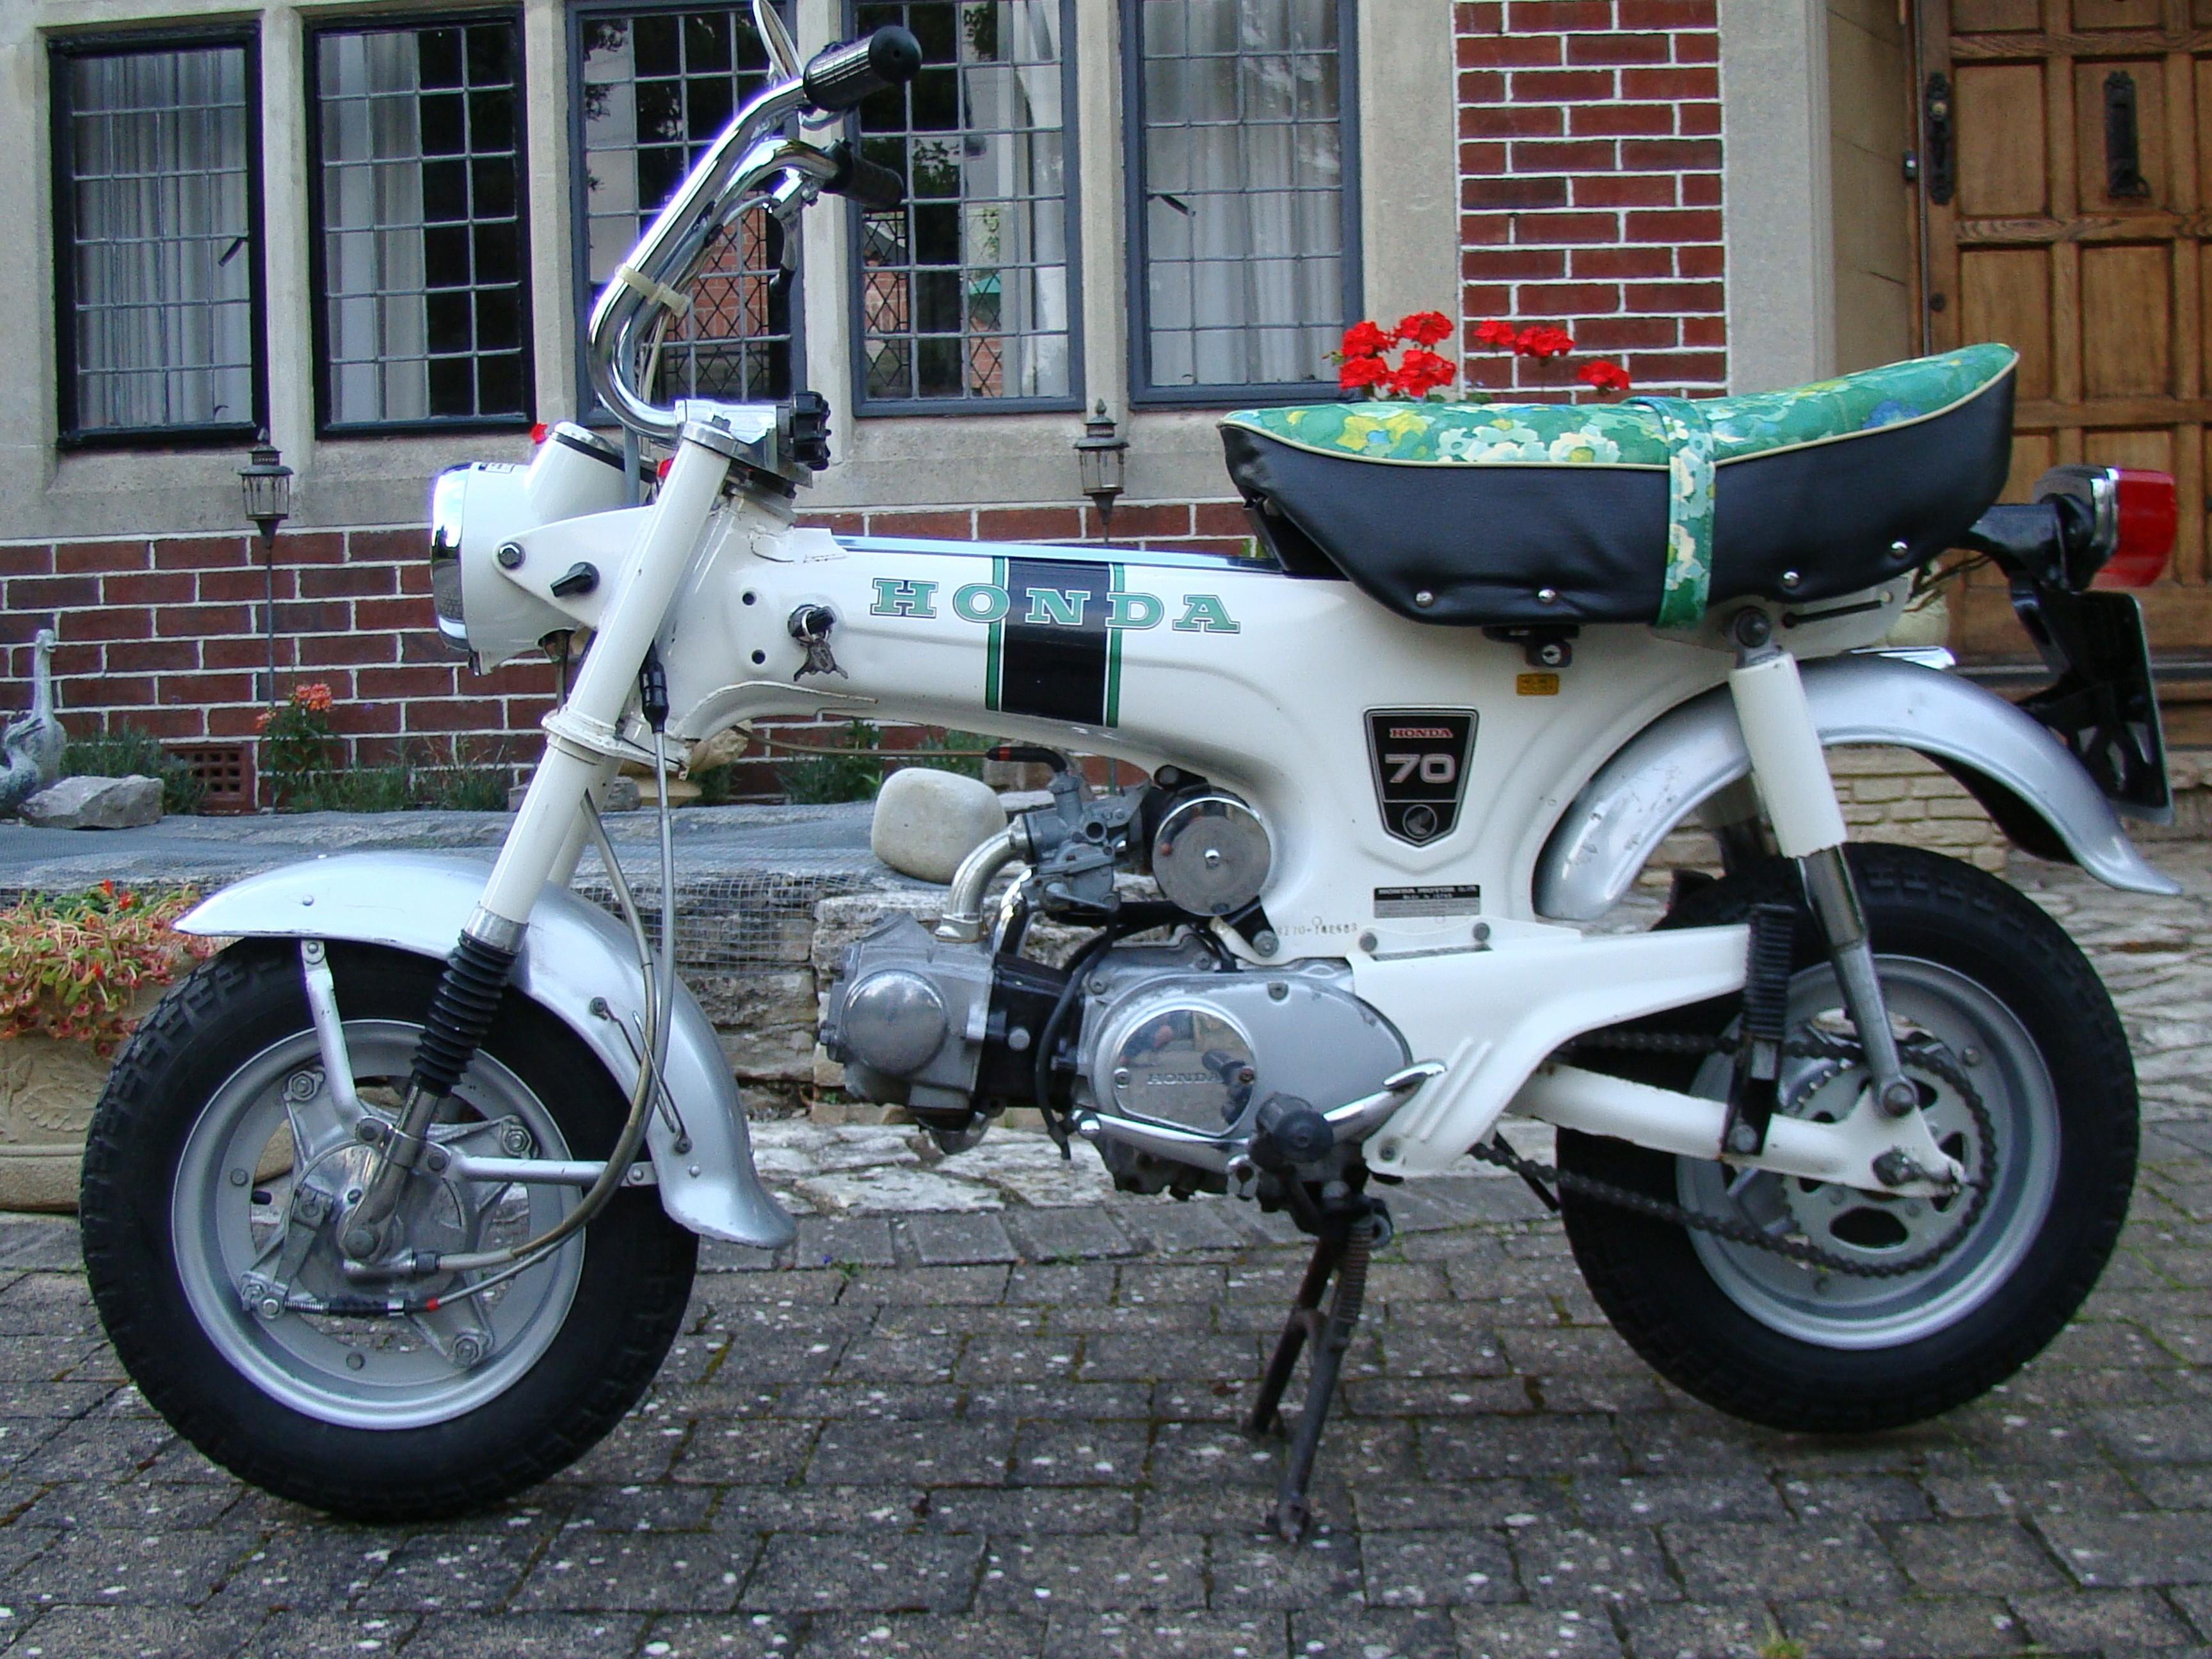 Honda st70 1973 - from Tony Gray